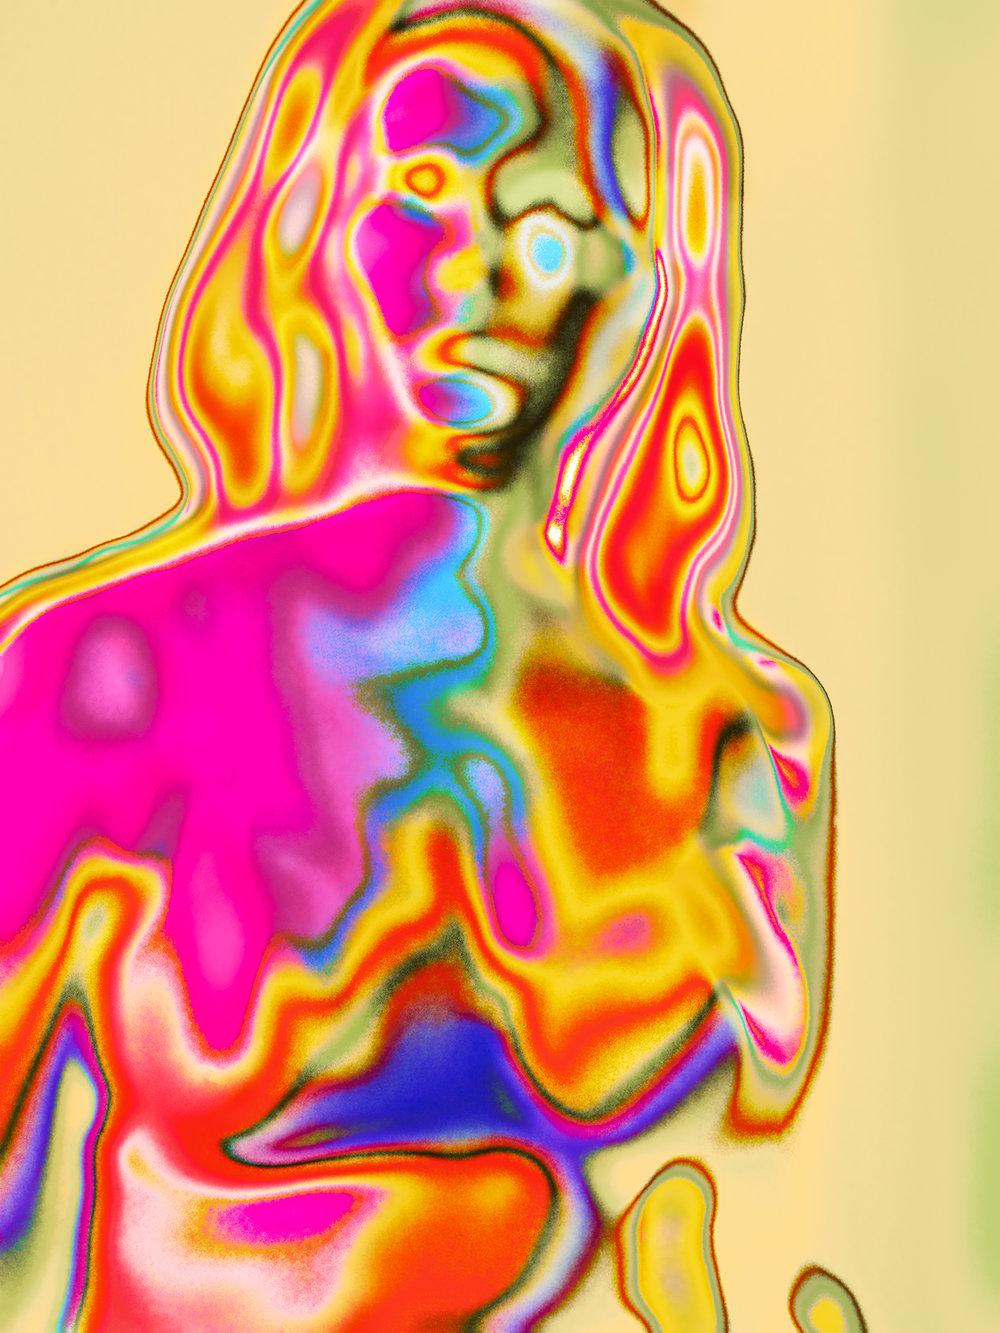 180404_A_DJ_Spooky_15897 1.jpg